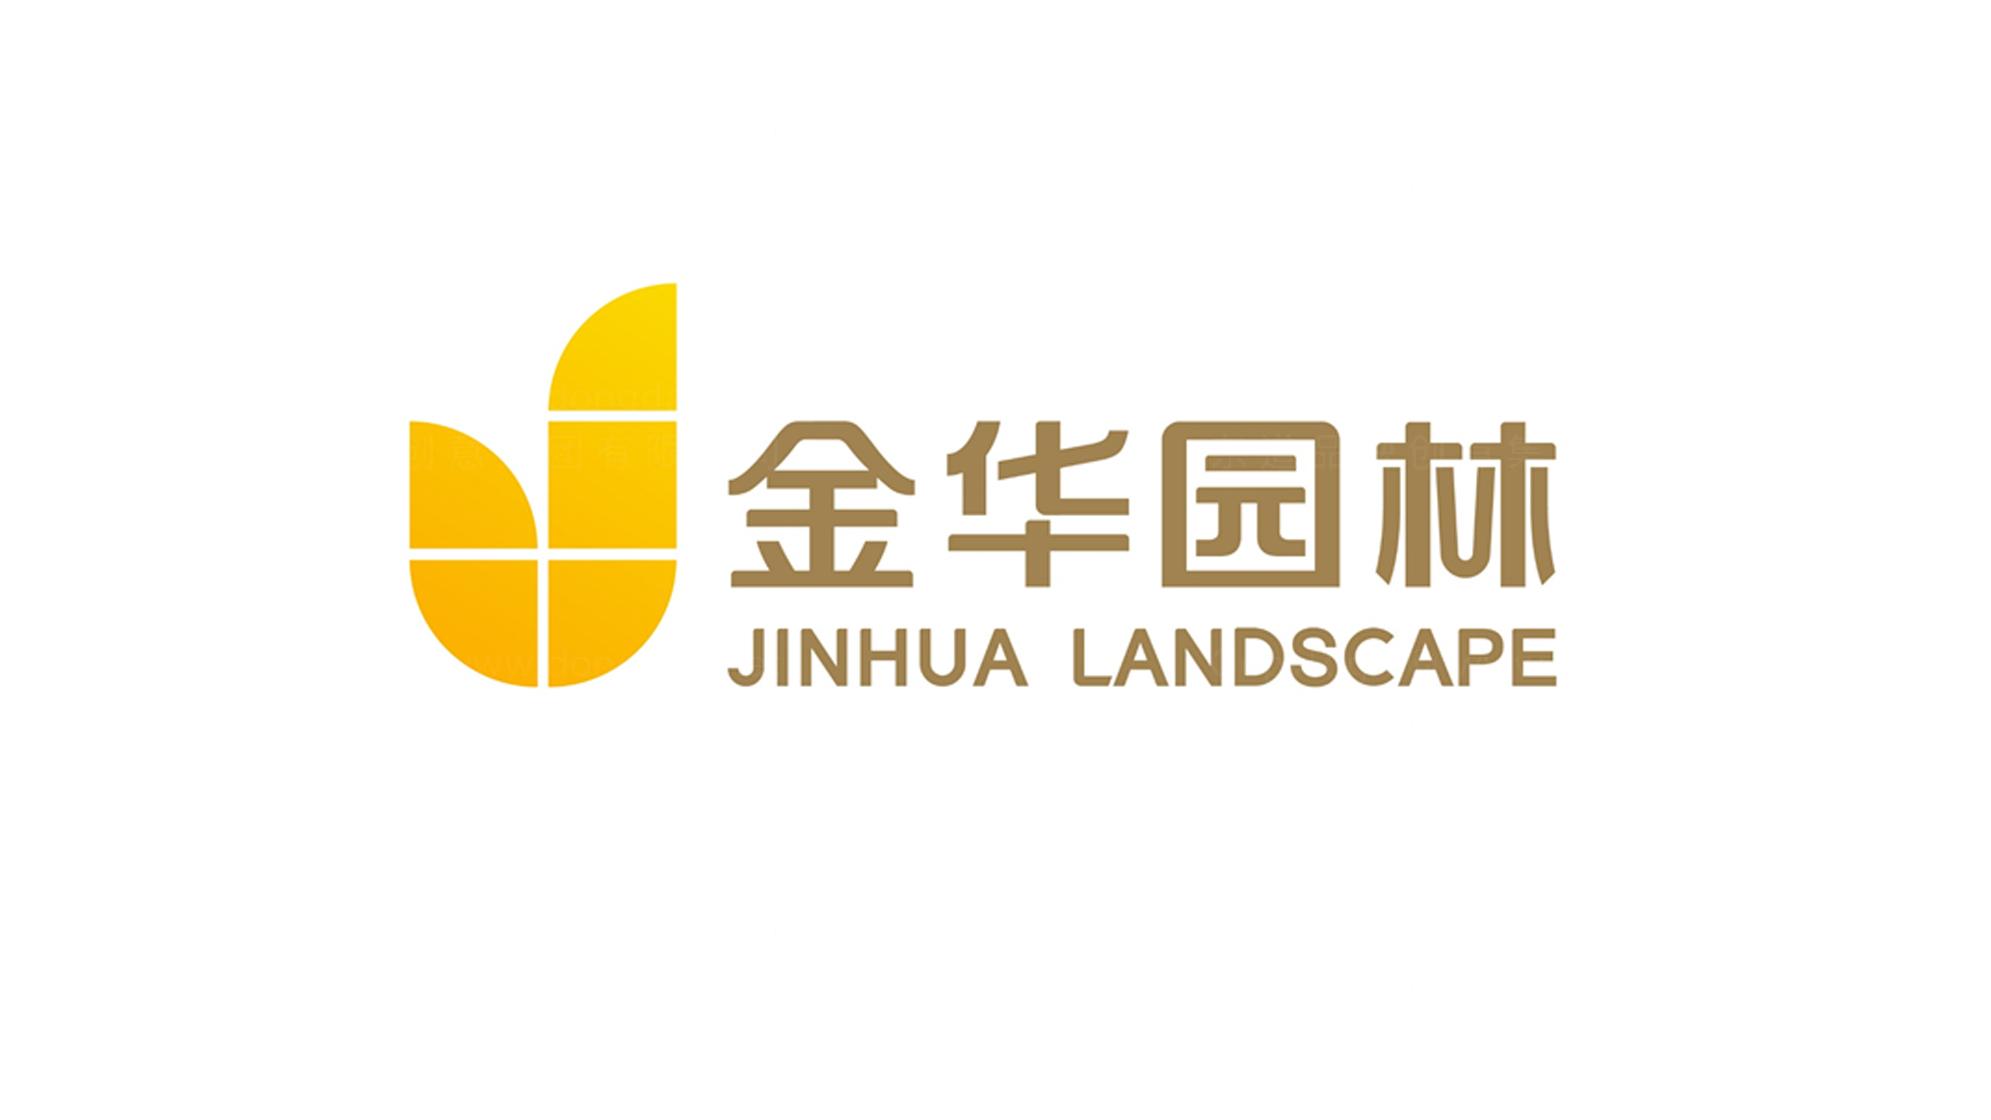 品牌设计金华园林标志设计应用